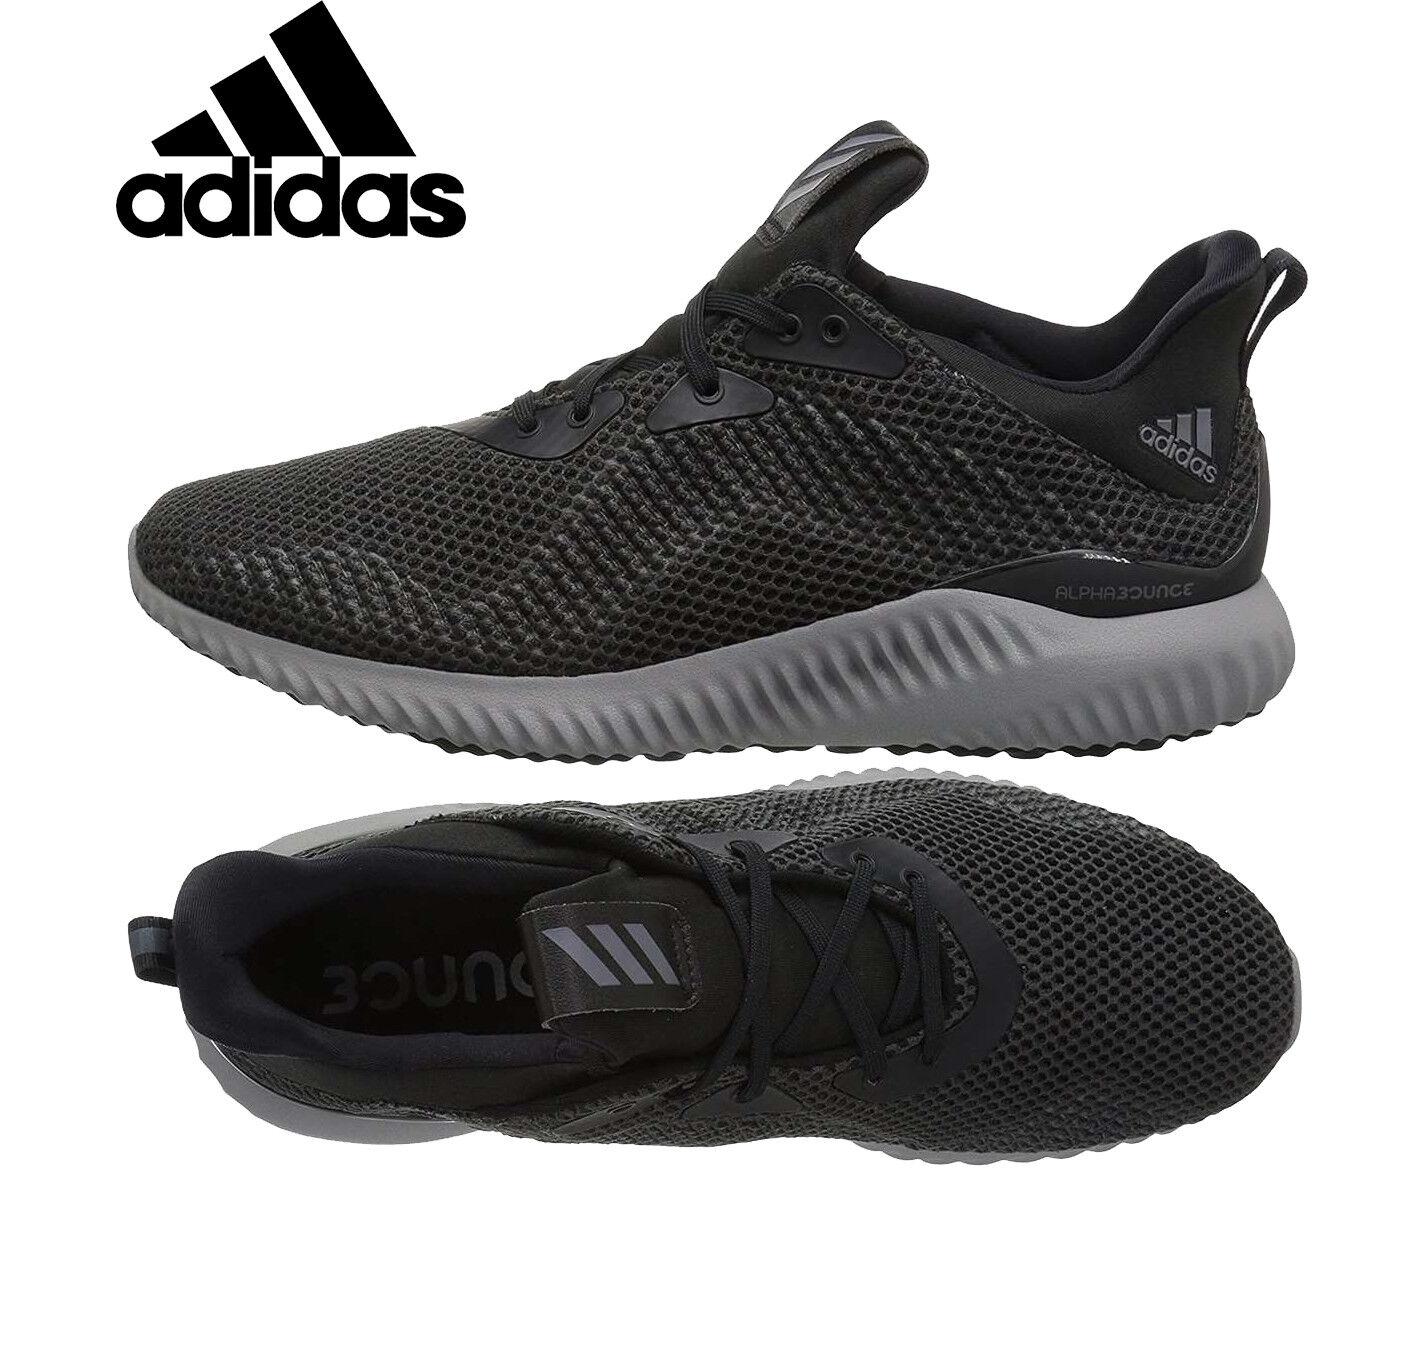 Damen Adidas Alphabounce 1 Damen CG5400 Laufschuh Schuhe Schwarz Sneakers CG5400 Damen Neu 9d926f